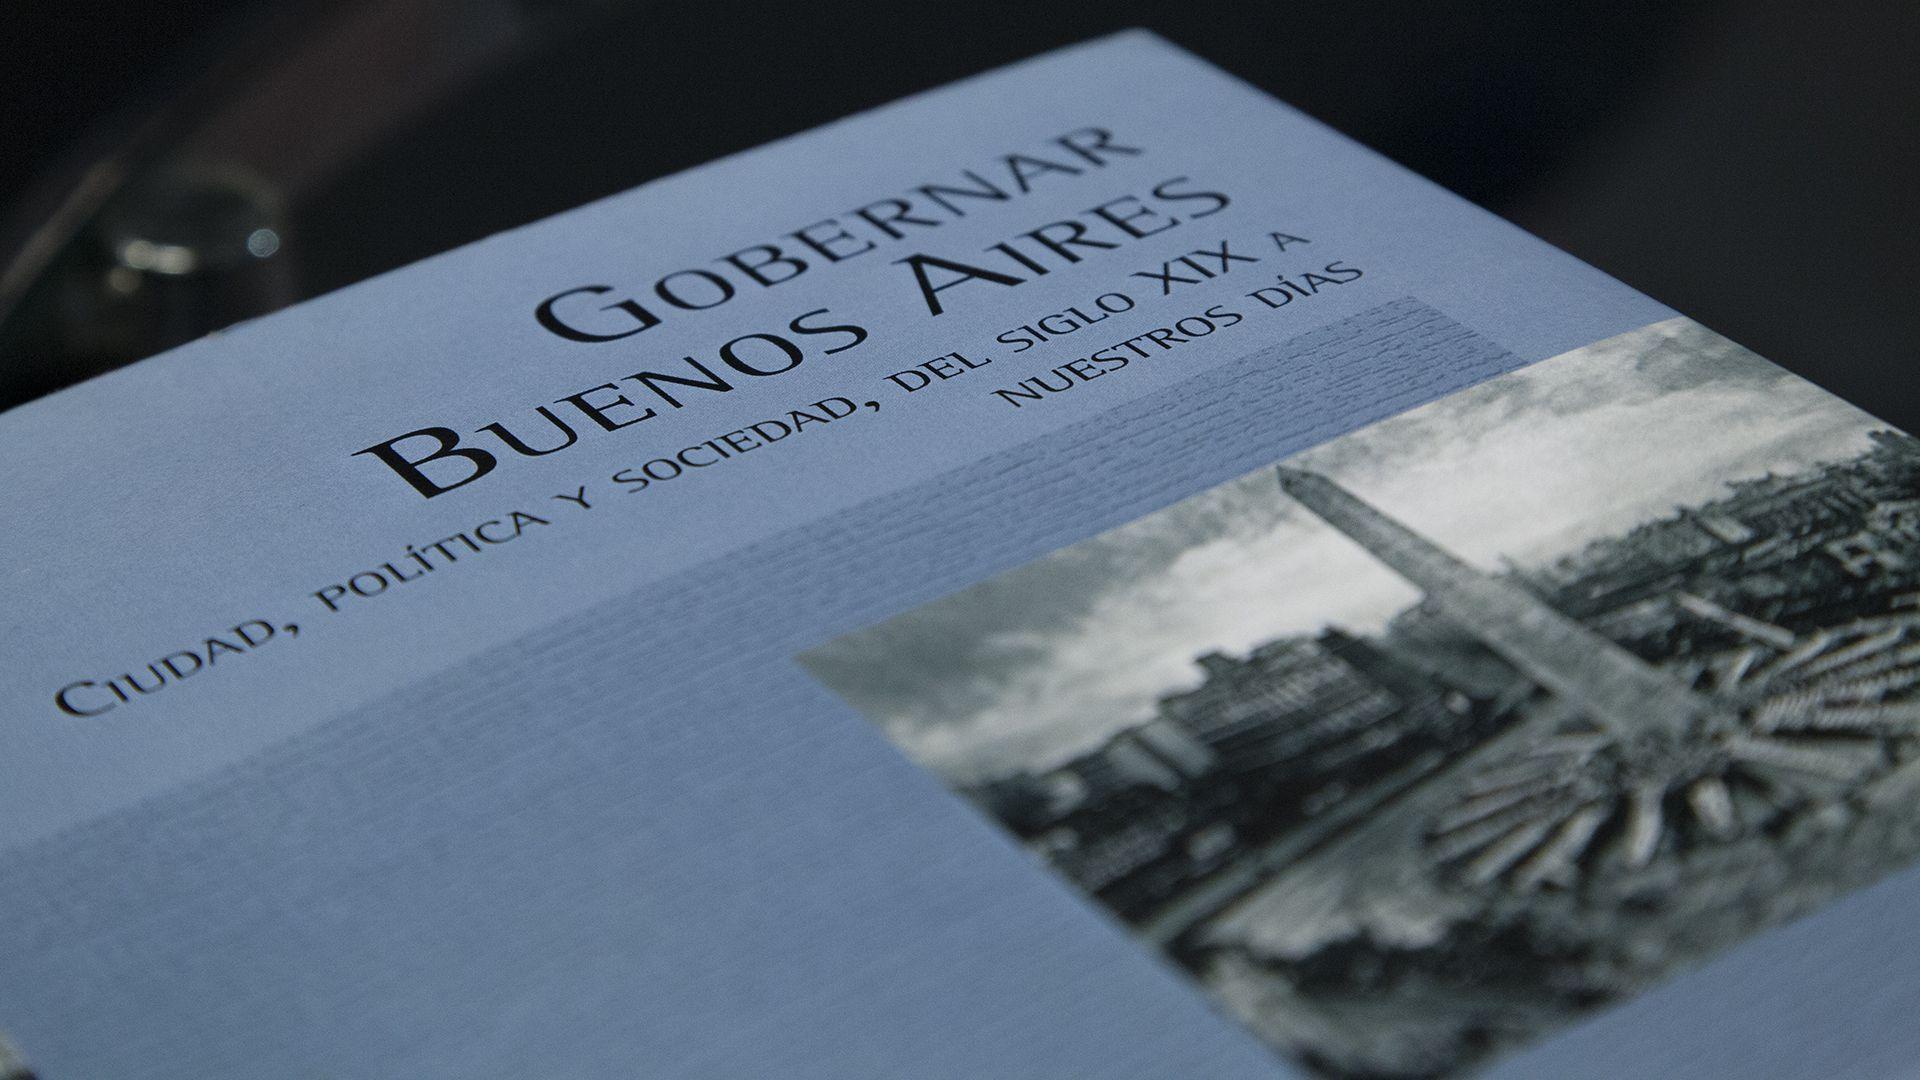 """El autor publicó """"Gobernar Buenos Aires"""", un estudio exhaustivo sobre las problemáticas urbanas y políticas que atravesaron en un siglo a la Ciudad de Buenos Aires."""